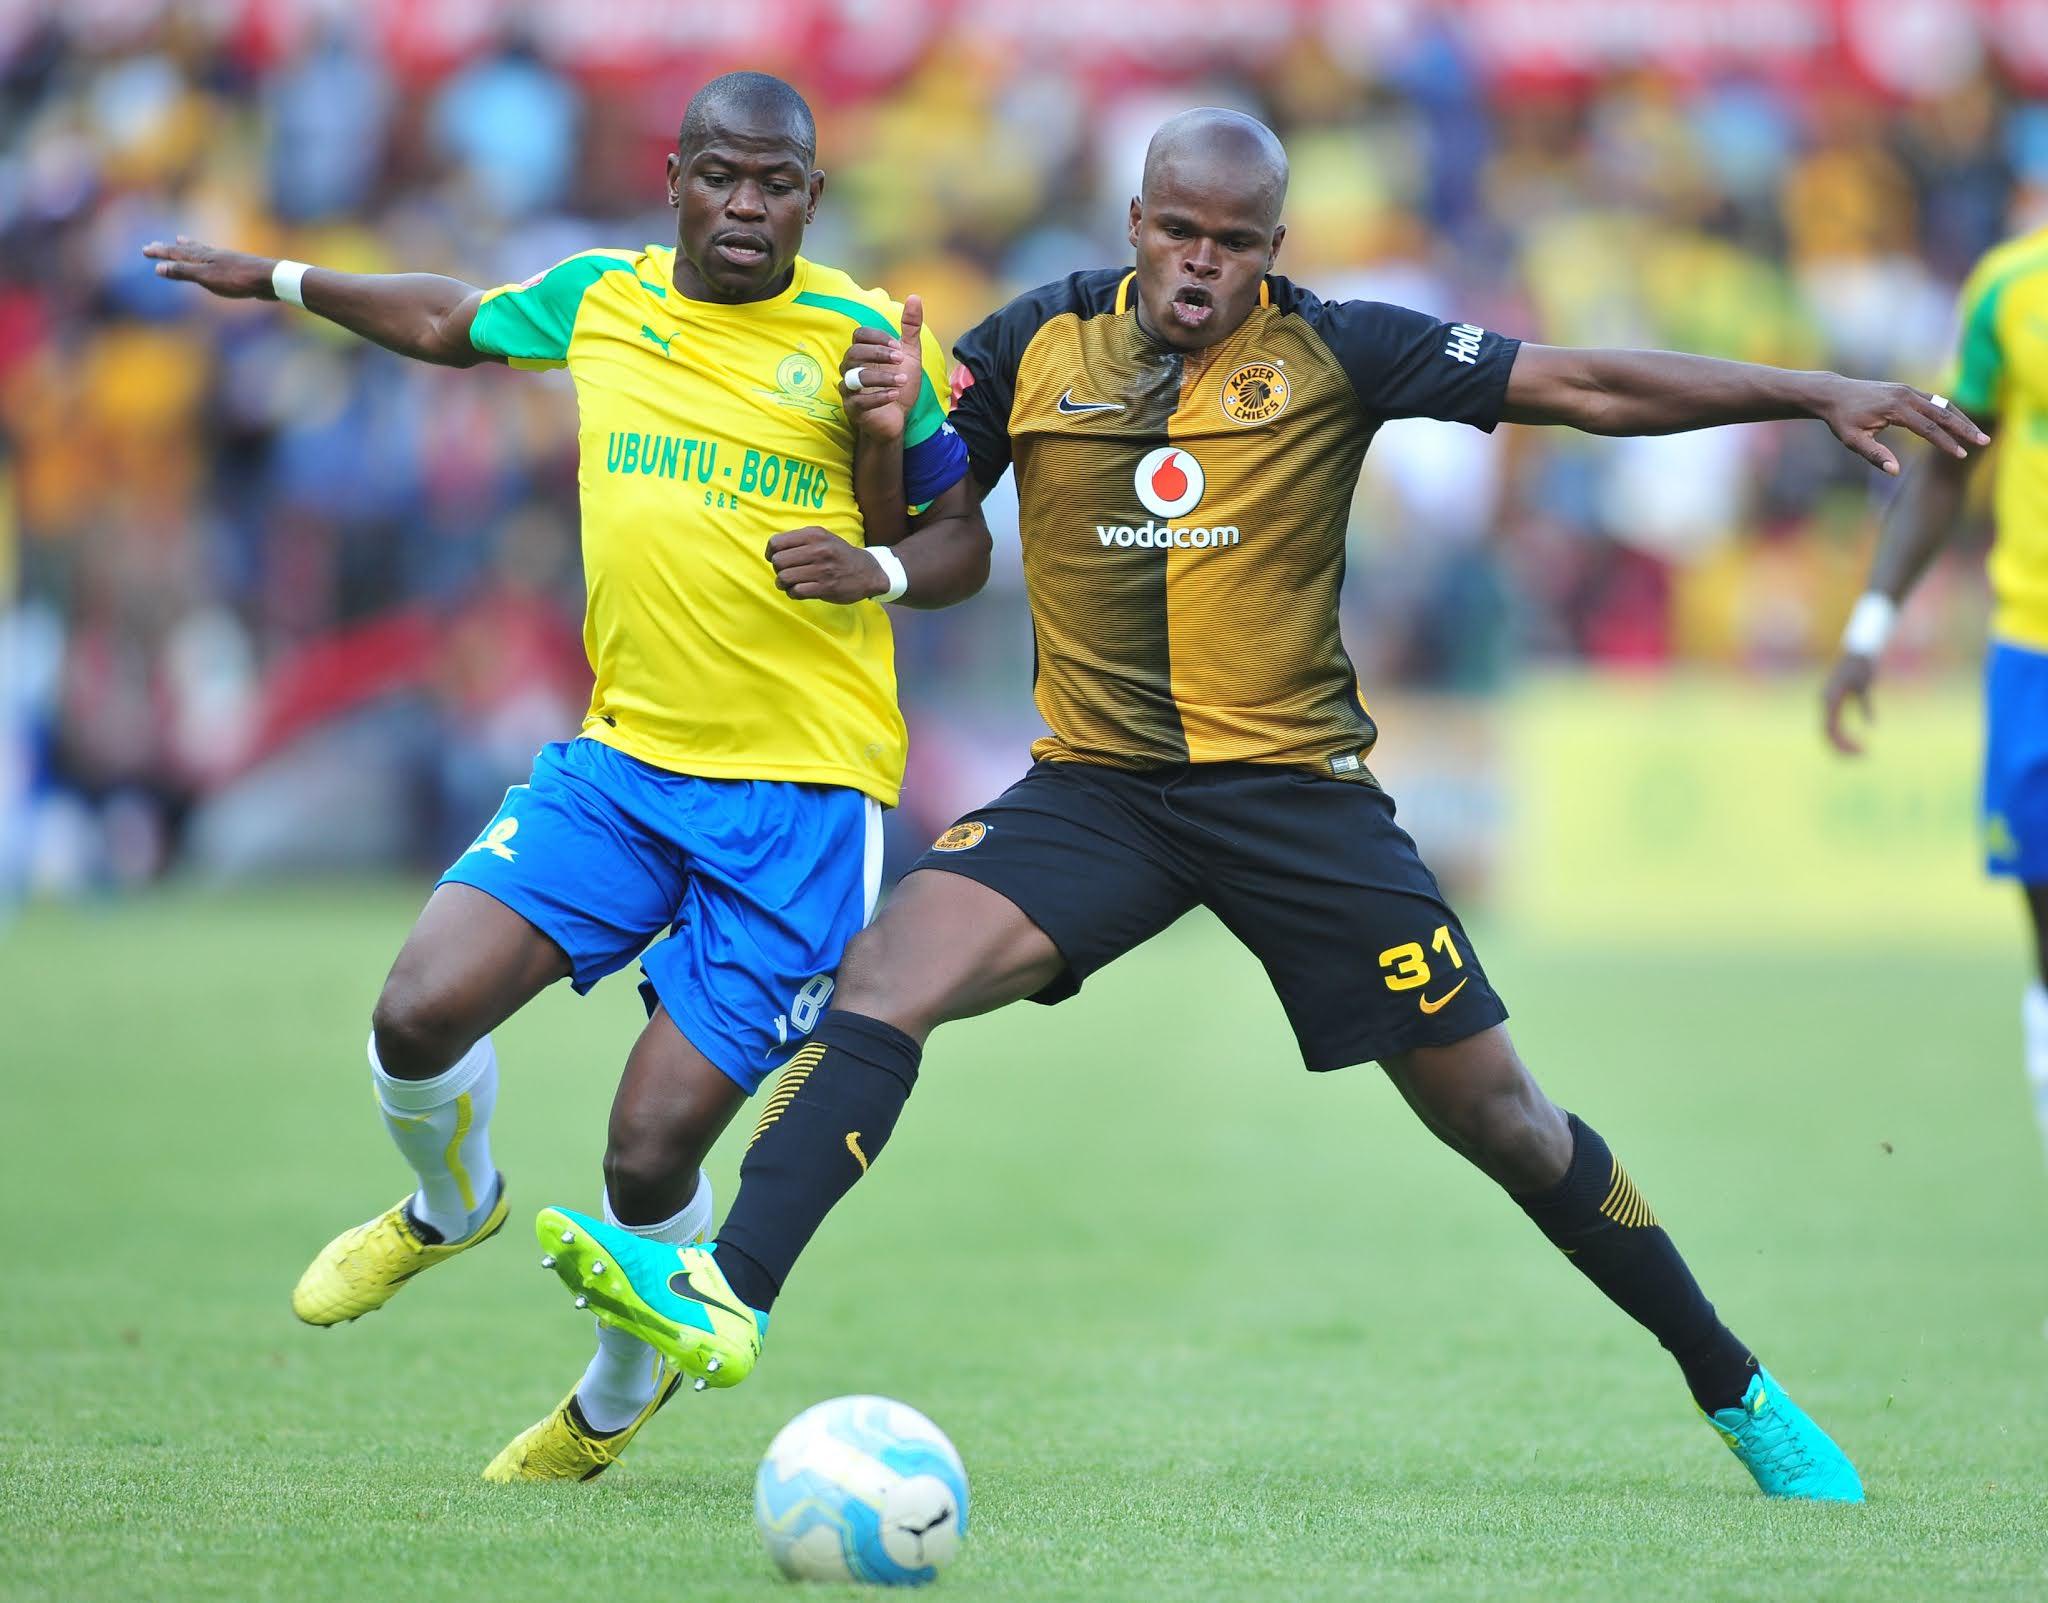 Willard Katsande jostling for position against Sundowns captain Hlompo Kekana